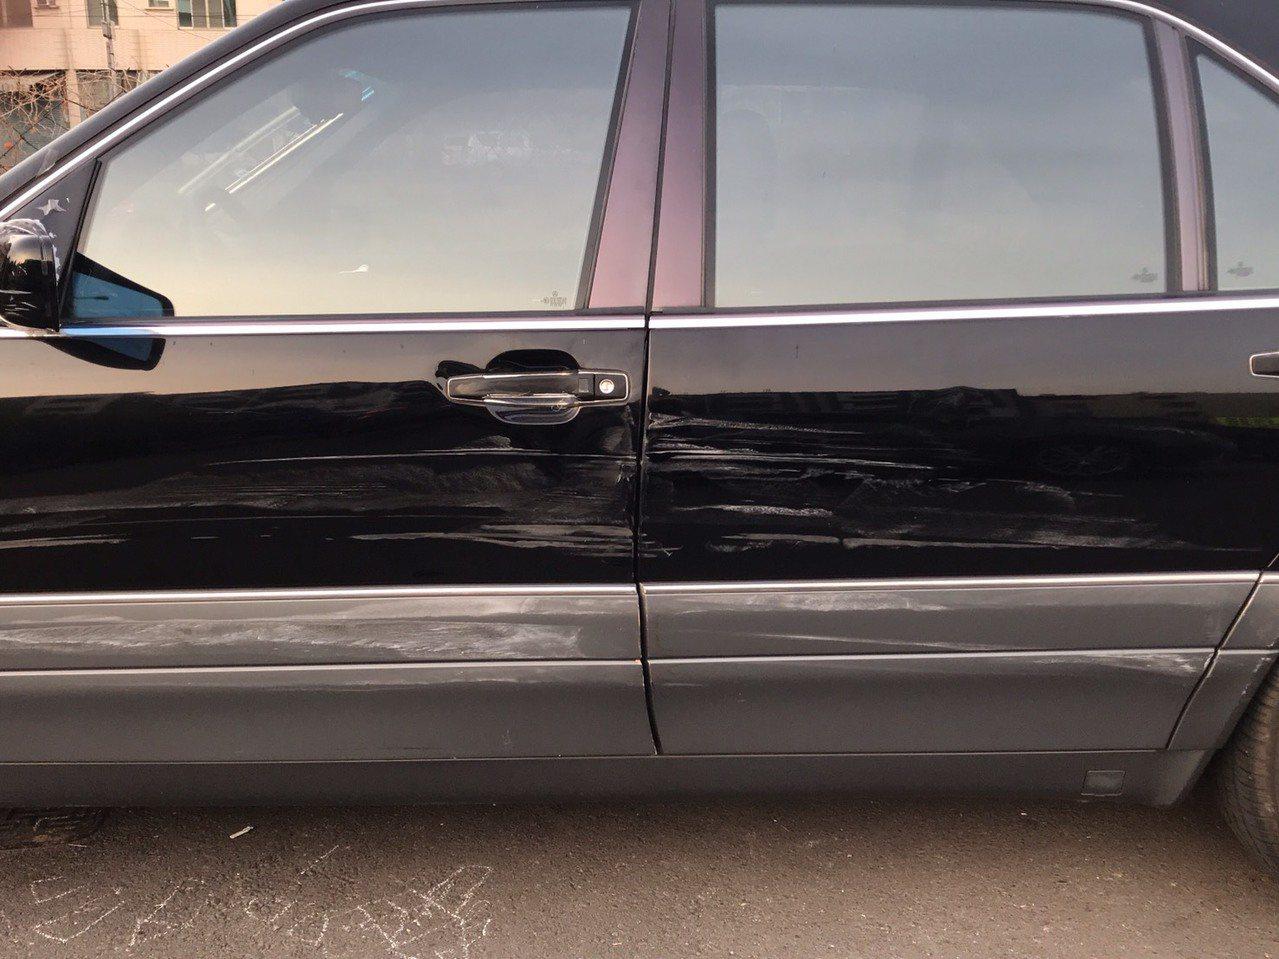 警方查獲趙姓男子所開的朋友賓士車,左車身因擦撞警車留下擦痕。記者林保光/翻攝